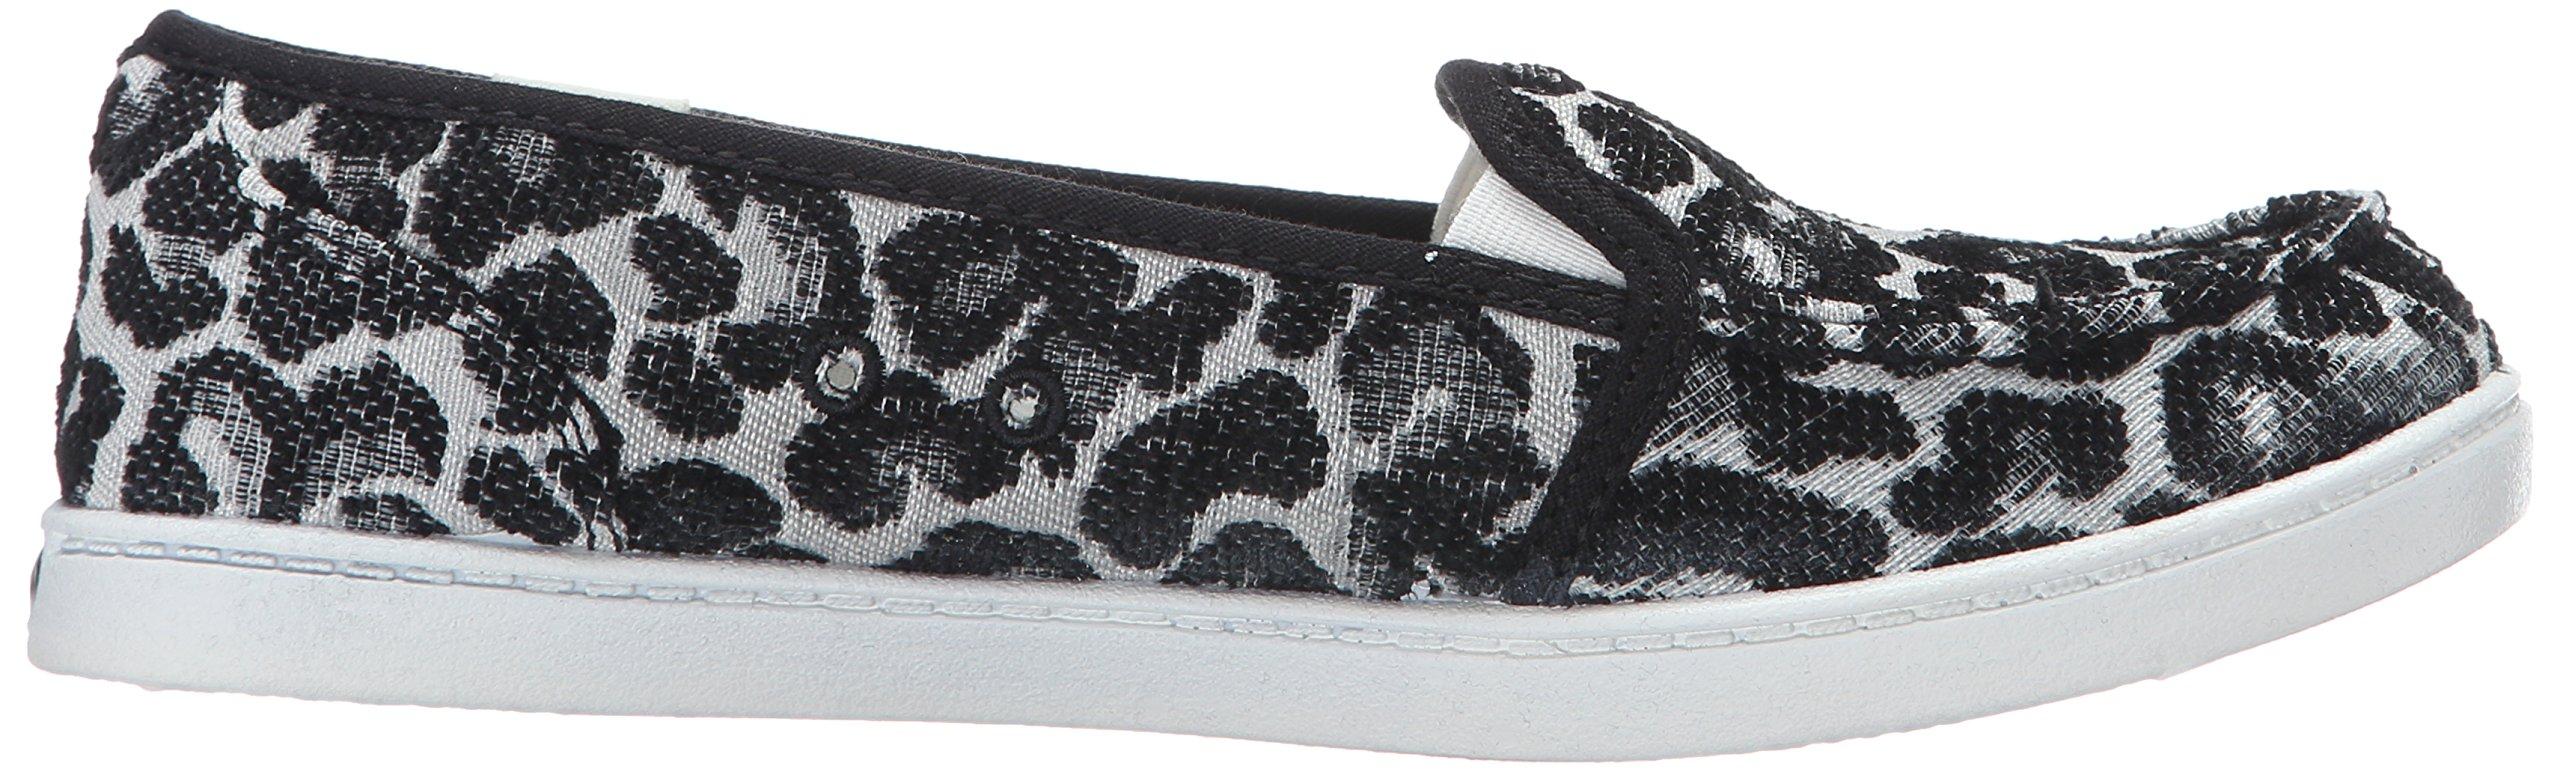 Roxy Women's Lido Iii Slip-on Shoes Flat, Black/Black/Dark Grey, 7 M US by Roxy (Image #7)